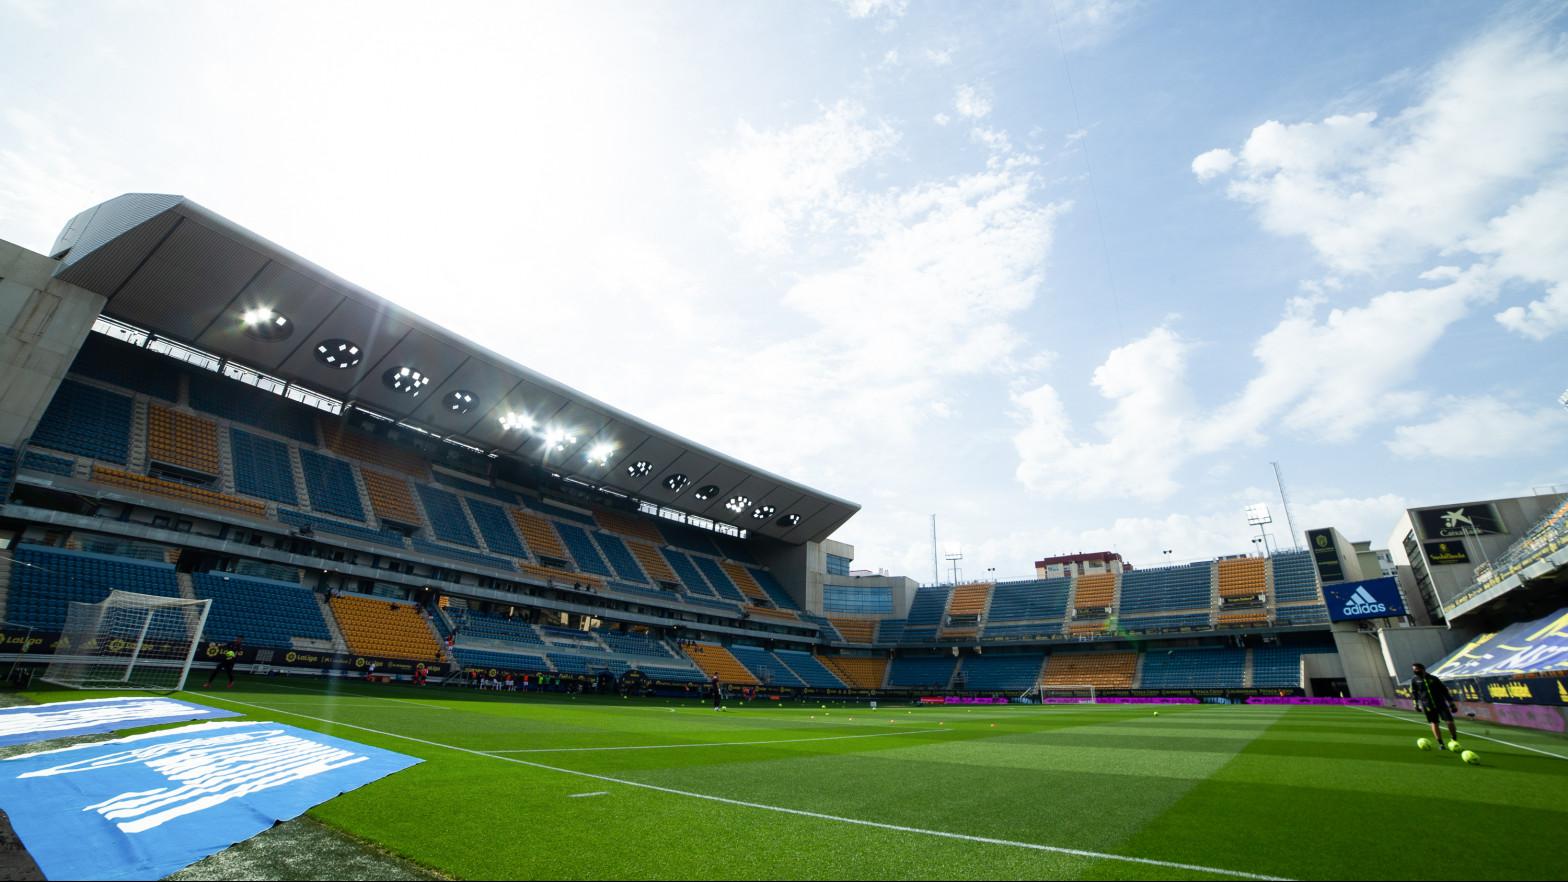 Estadio 'Nuevo Mirandilla' de Cádiz, anteriormente conocido como 'Ramón de Carranza'.